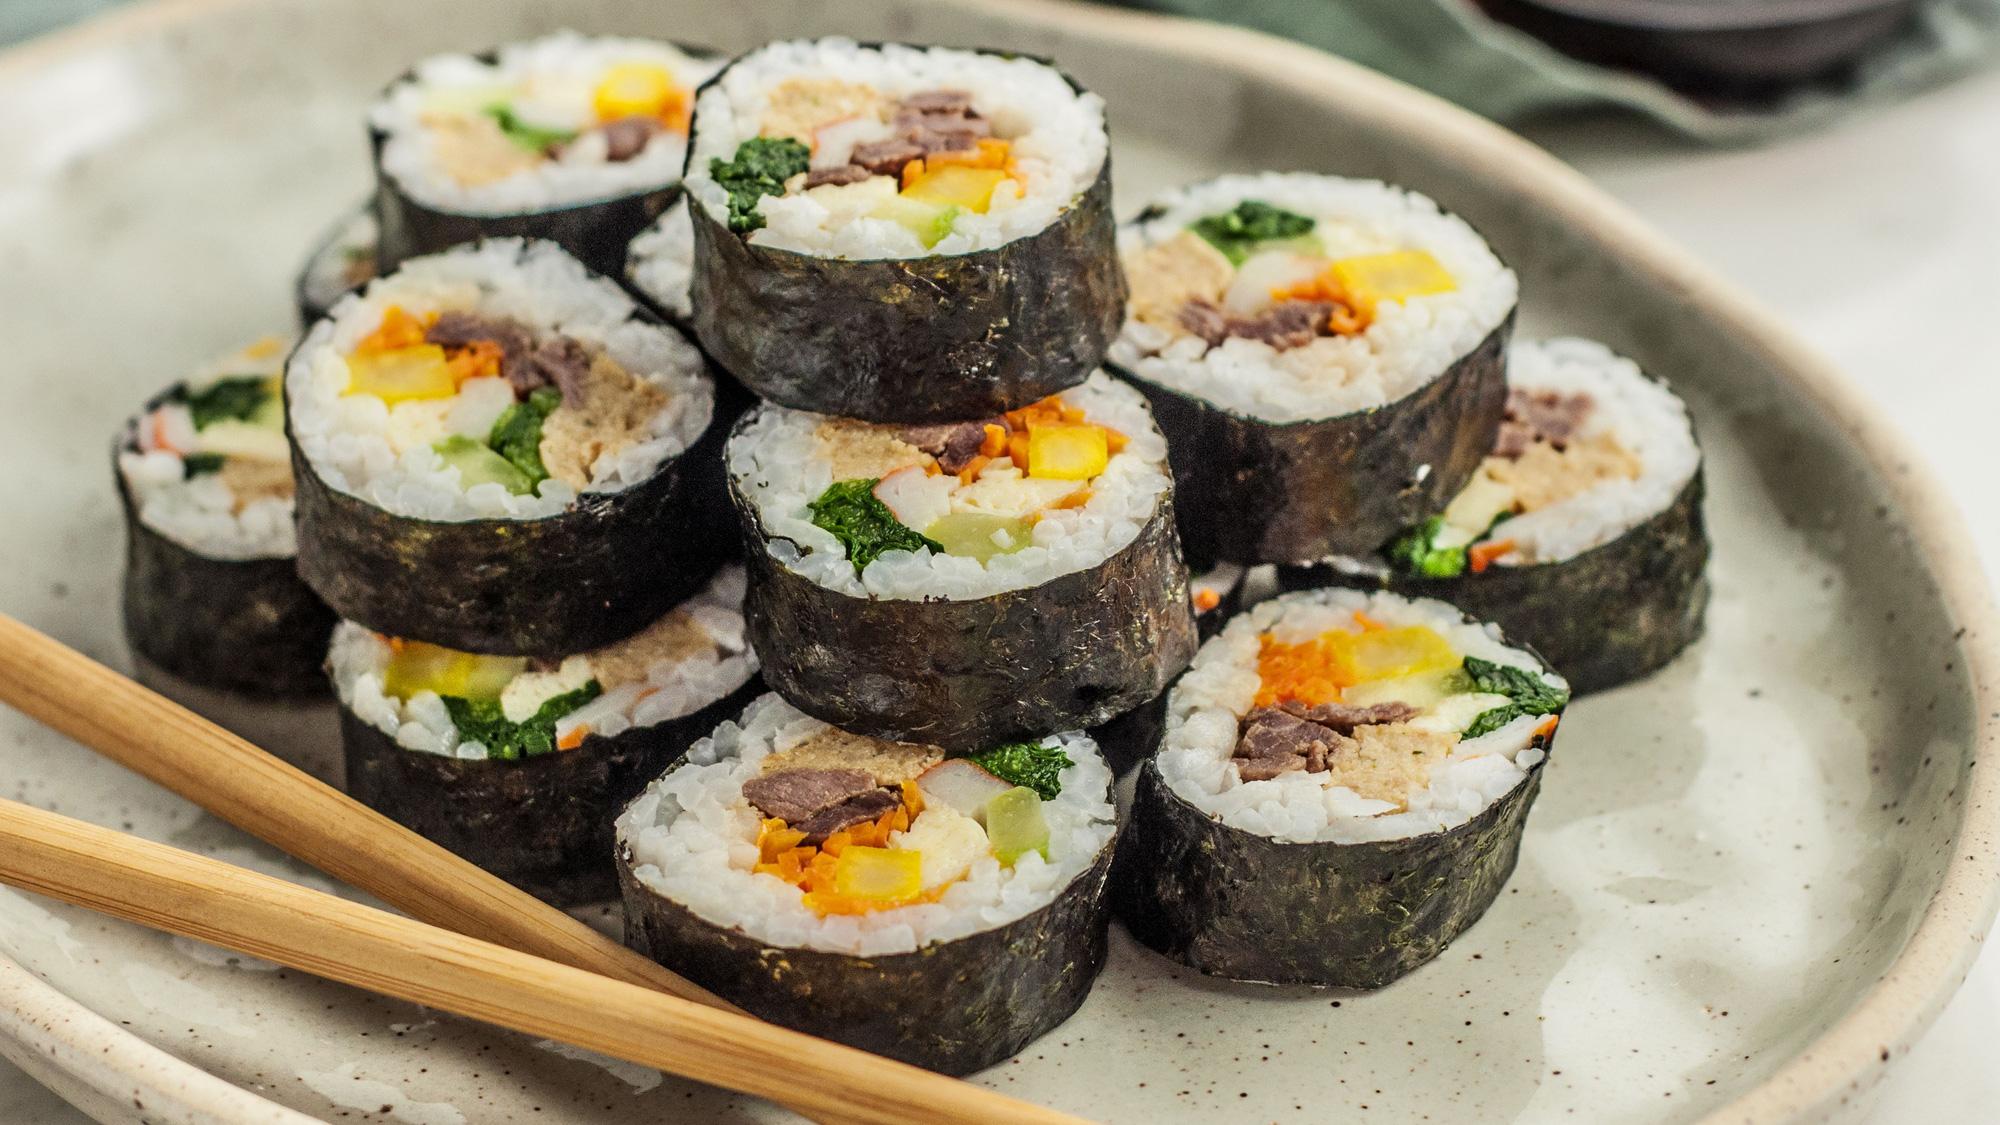 Ăn cơm mỗi ngày nhưng gái Hàn hiếm khi béo phì, lại còn trẻ hơn tuổi thật rất nhiều: Nhìn cách họ tiêu thụ gạo, chị em sẽ muốn học theo ngay - Ảnh 2.